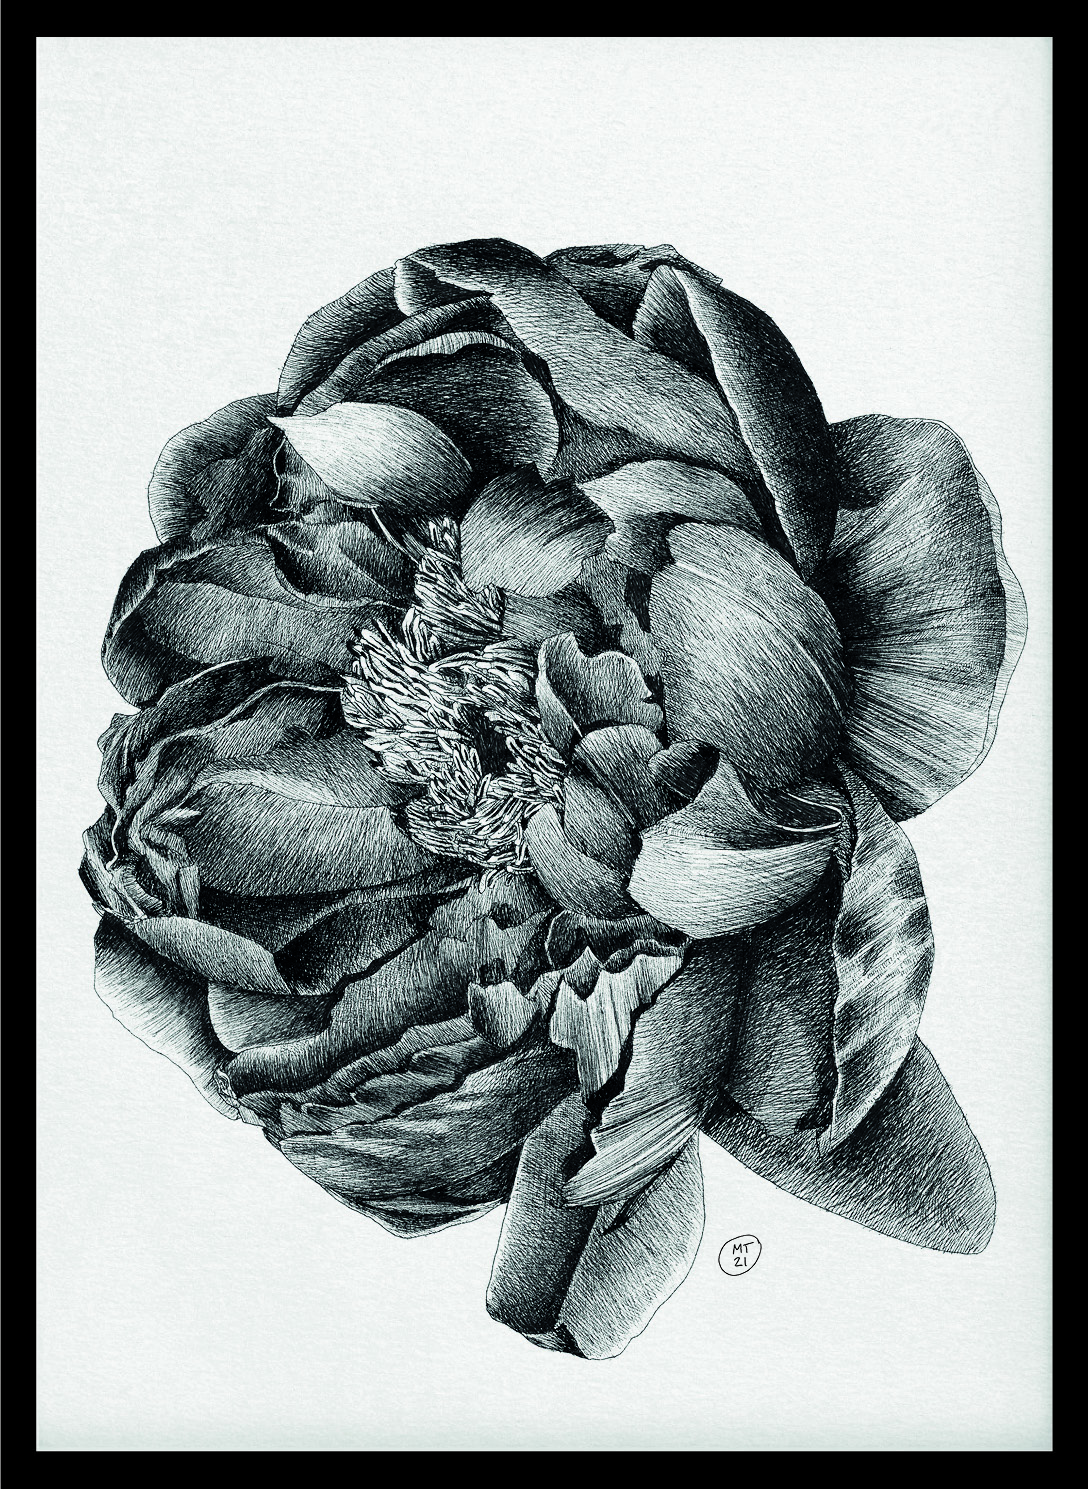 Peonia_Poster_Ink on Paper_Mario Trimarchi Design6